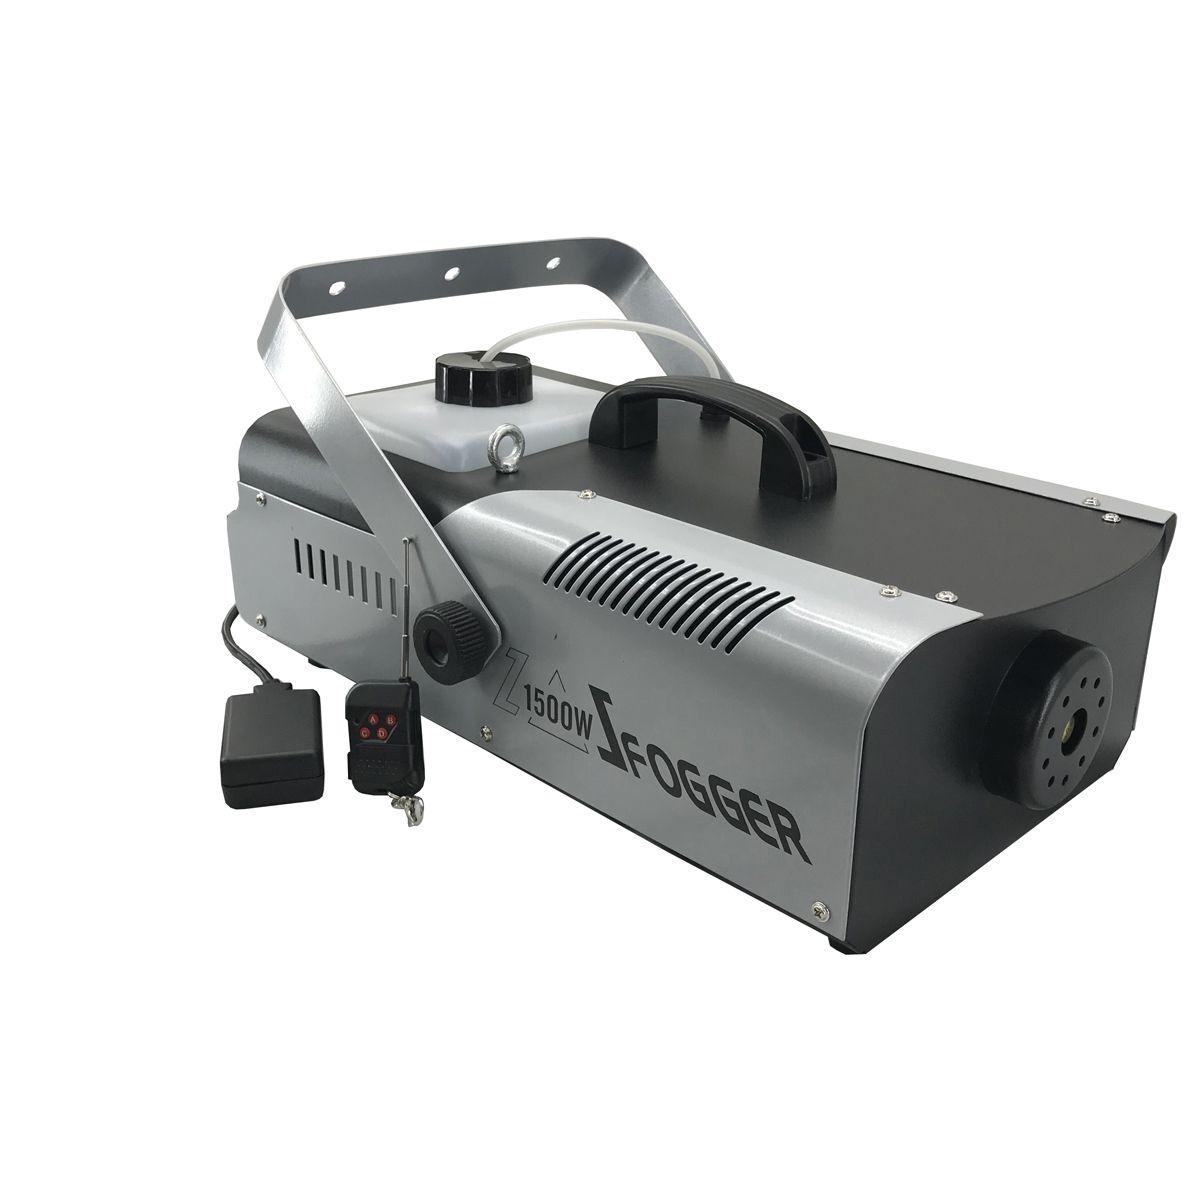 Máquina de Fumaça BX 1500w / 220v DMX com Controle s/ Fio - Briwax  - RS Som e Luz!